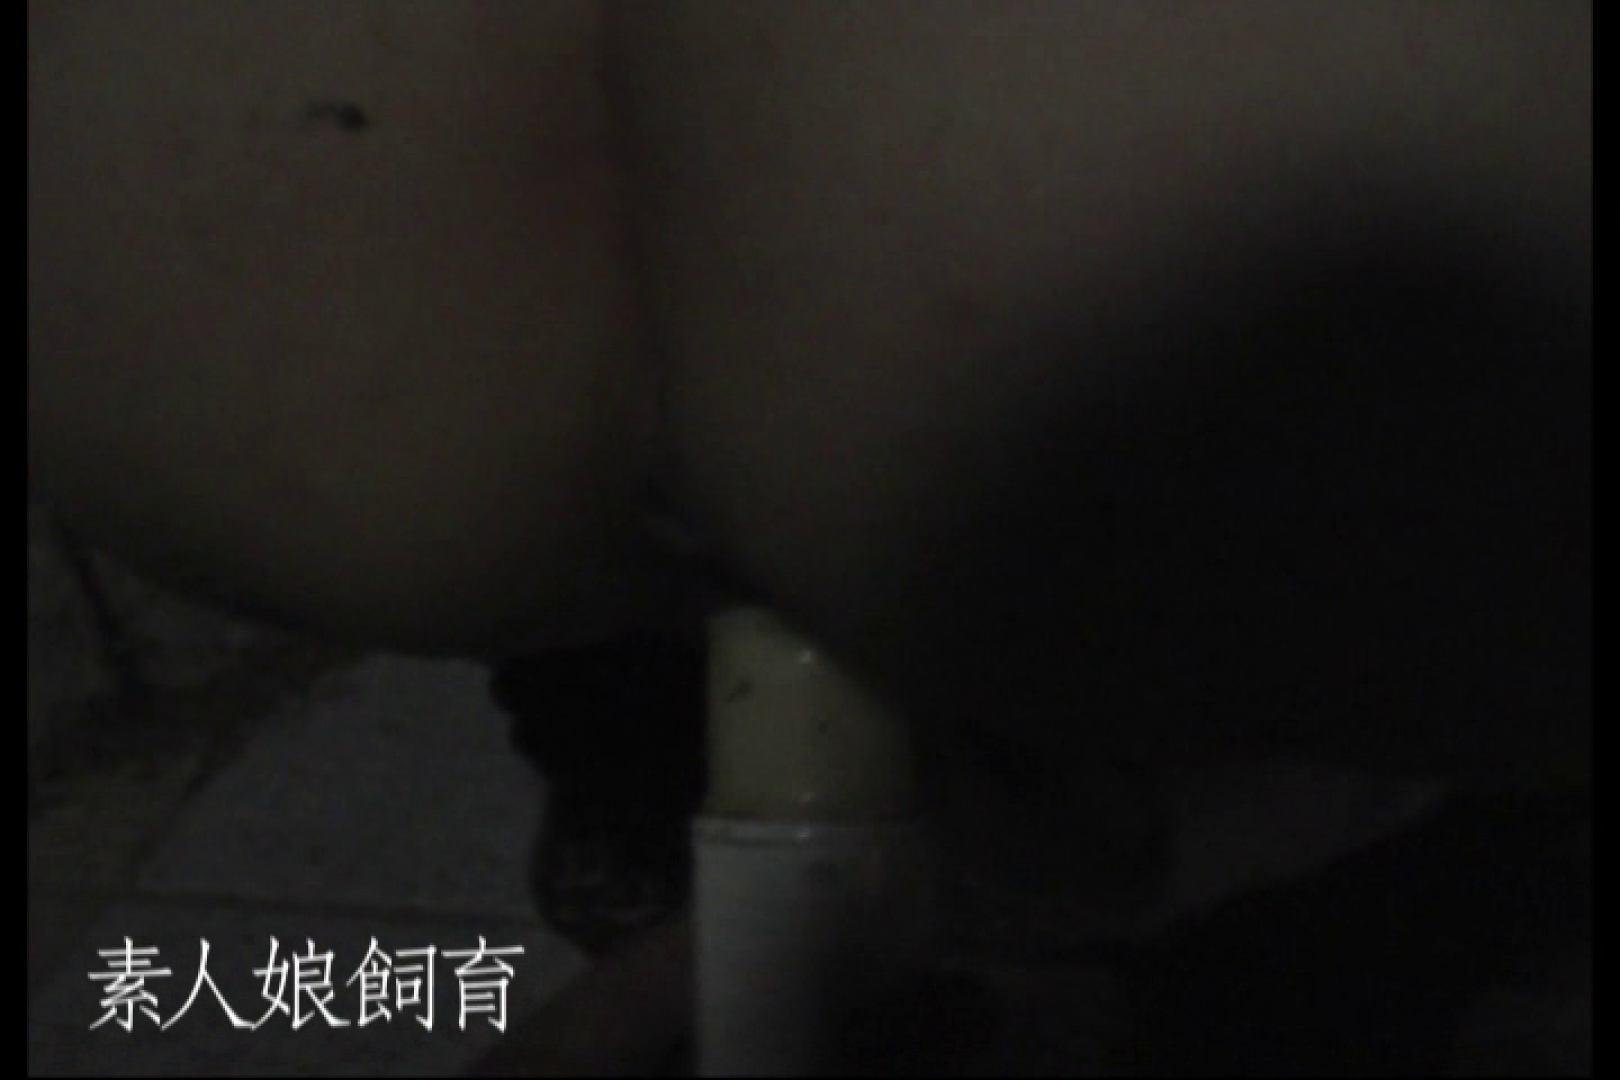 素人娘飼育~お前の餌は他人棒~公園でバイブとお漏らし 野外 セックス画像 71pic 23